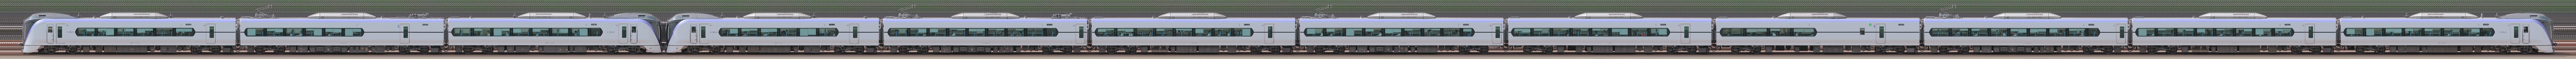 JR東日本 中央東線 E353系S207編成+S101編成(山側)の編成サイドビュー